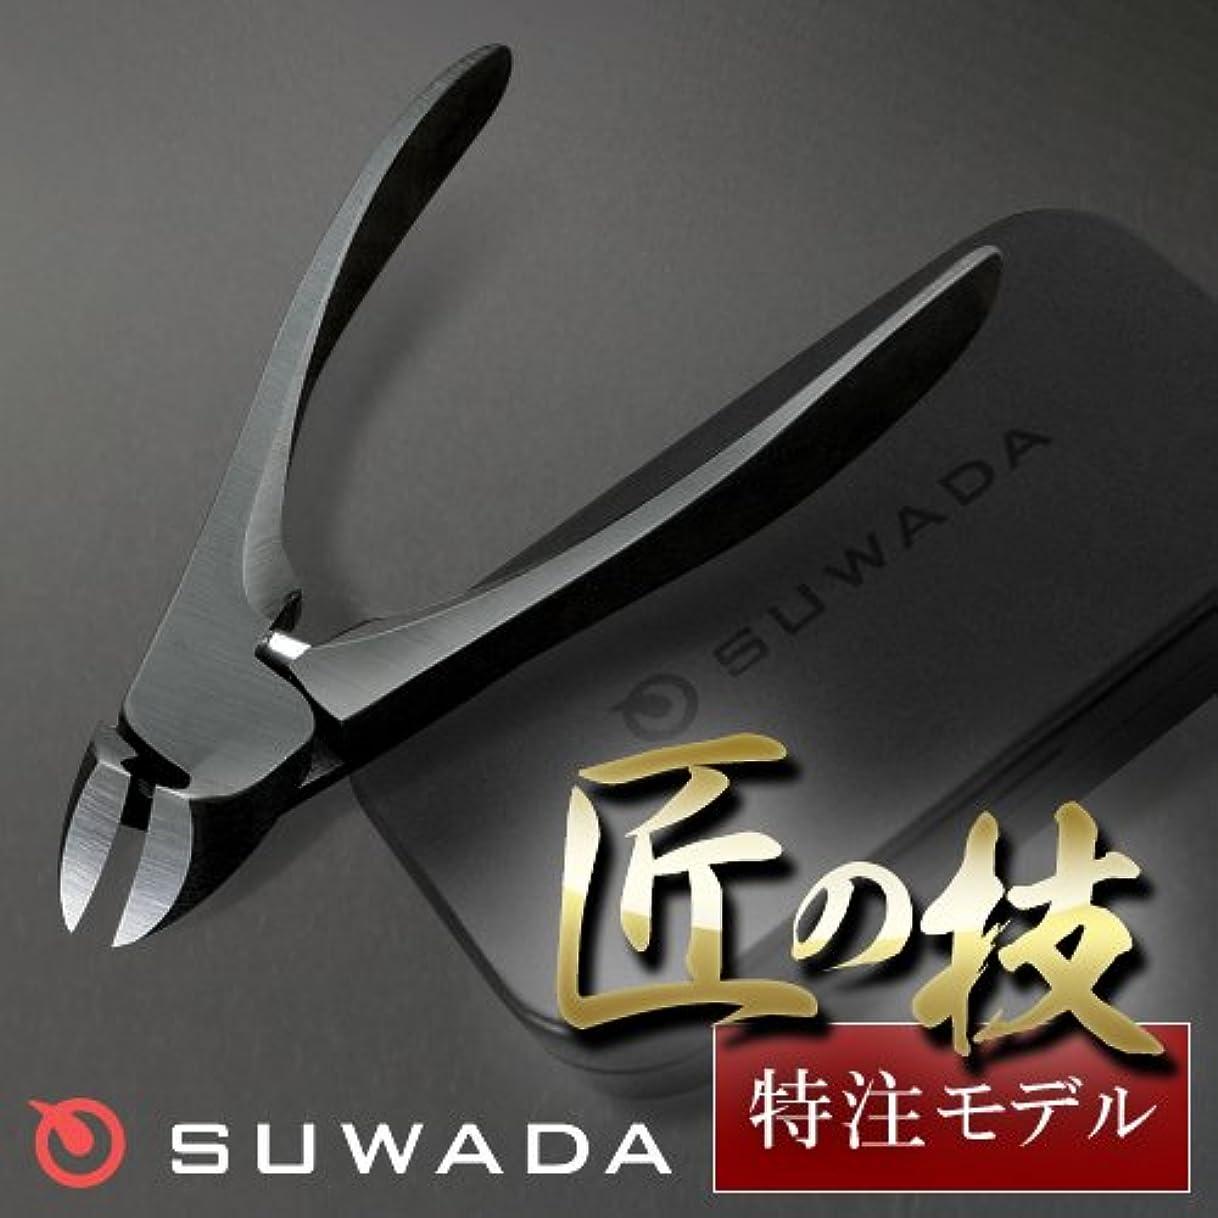 ラバ焼く熱SUWADA爪切りブラックL&メタルケースセット 特注モデル 諏訪田製作所製 スワダの爪切り